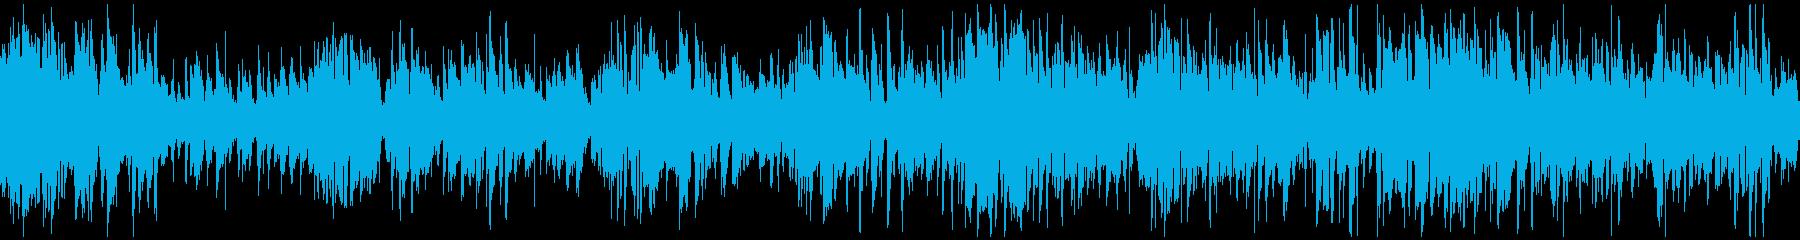 サックス、オルガン、ジャズ ※ループ版の再生済みの波形